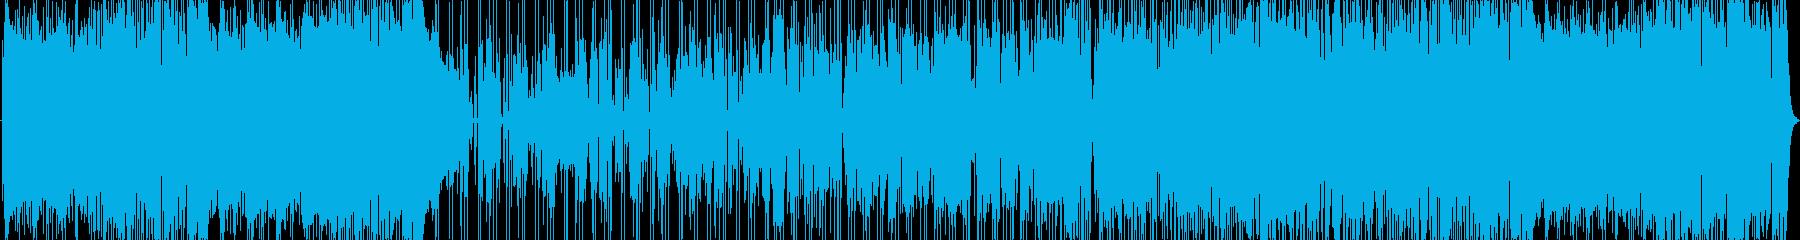 軽快なサックスが印象的な変拍子系インストの再生済みの波形